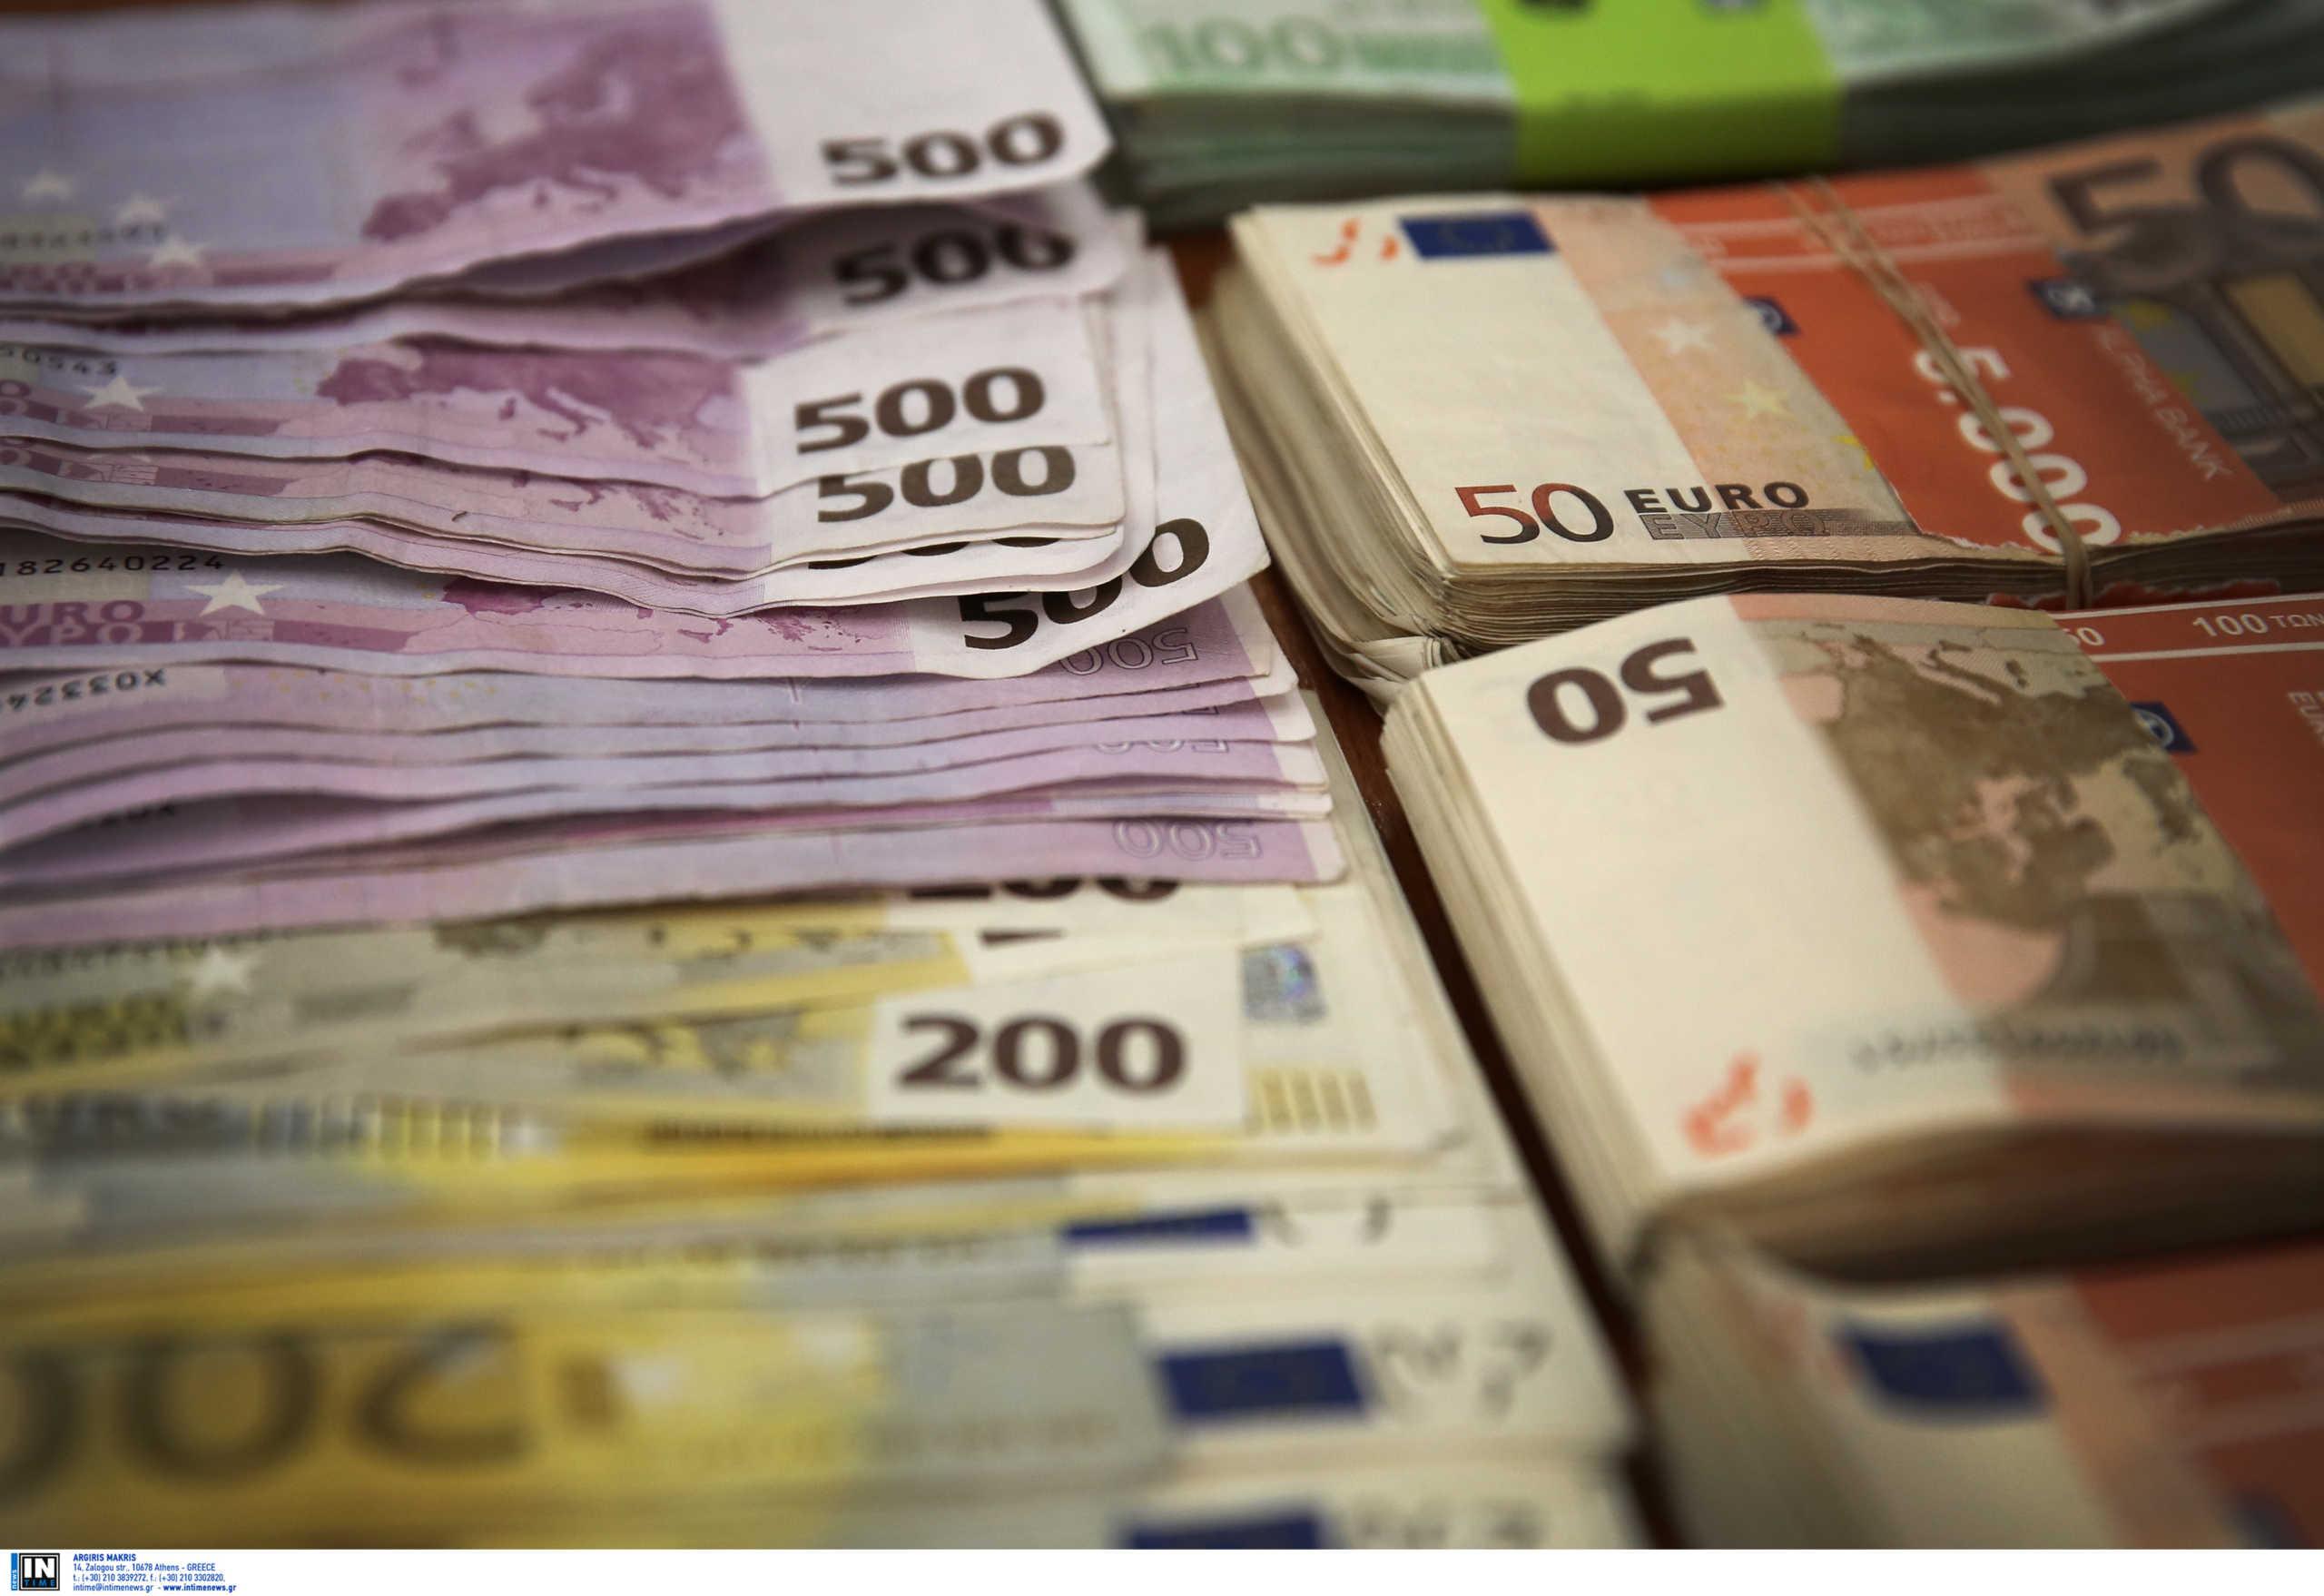 Διδυμότειχο: Μαϊμού γιατρός έπεισε πατέρα να του δώσει 30.000 ευρώ για να χειρουργηθεί η κόρη του!